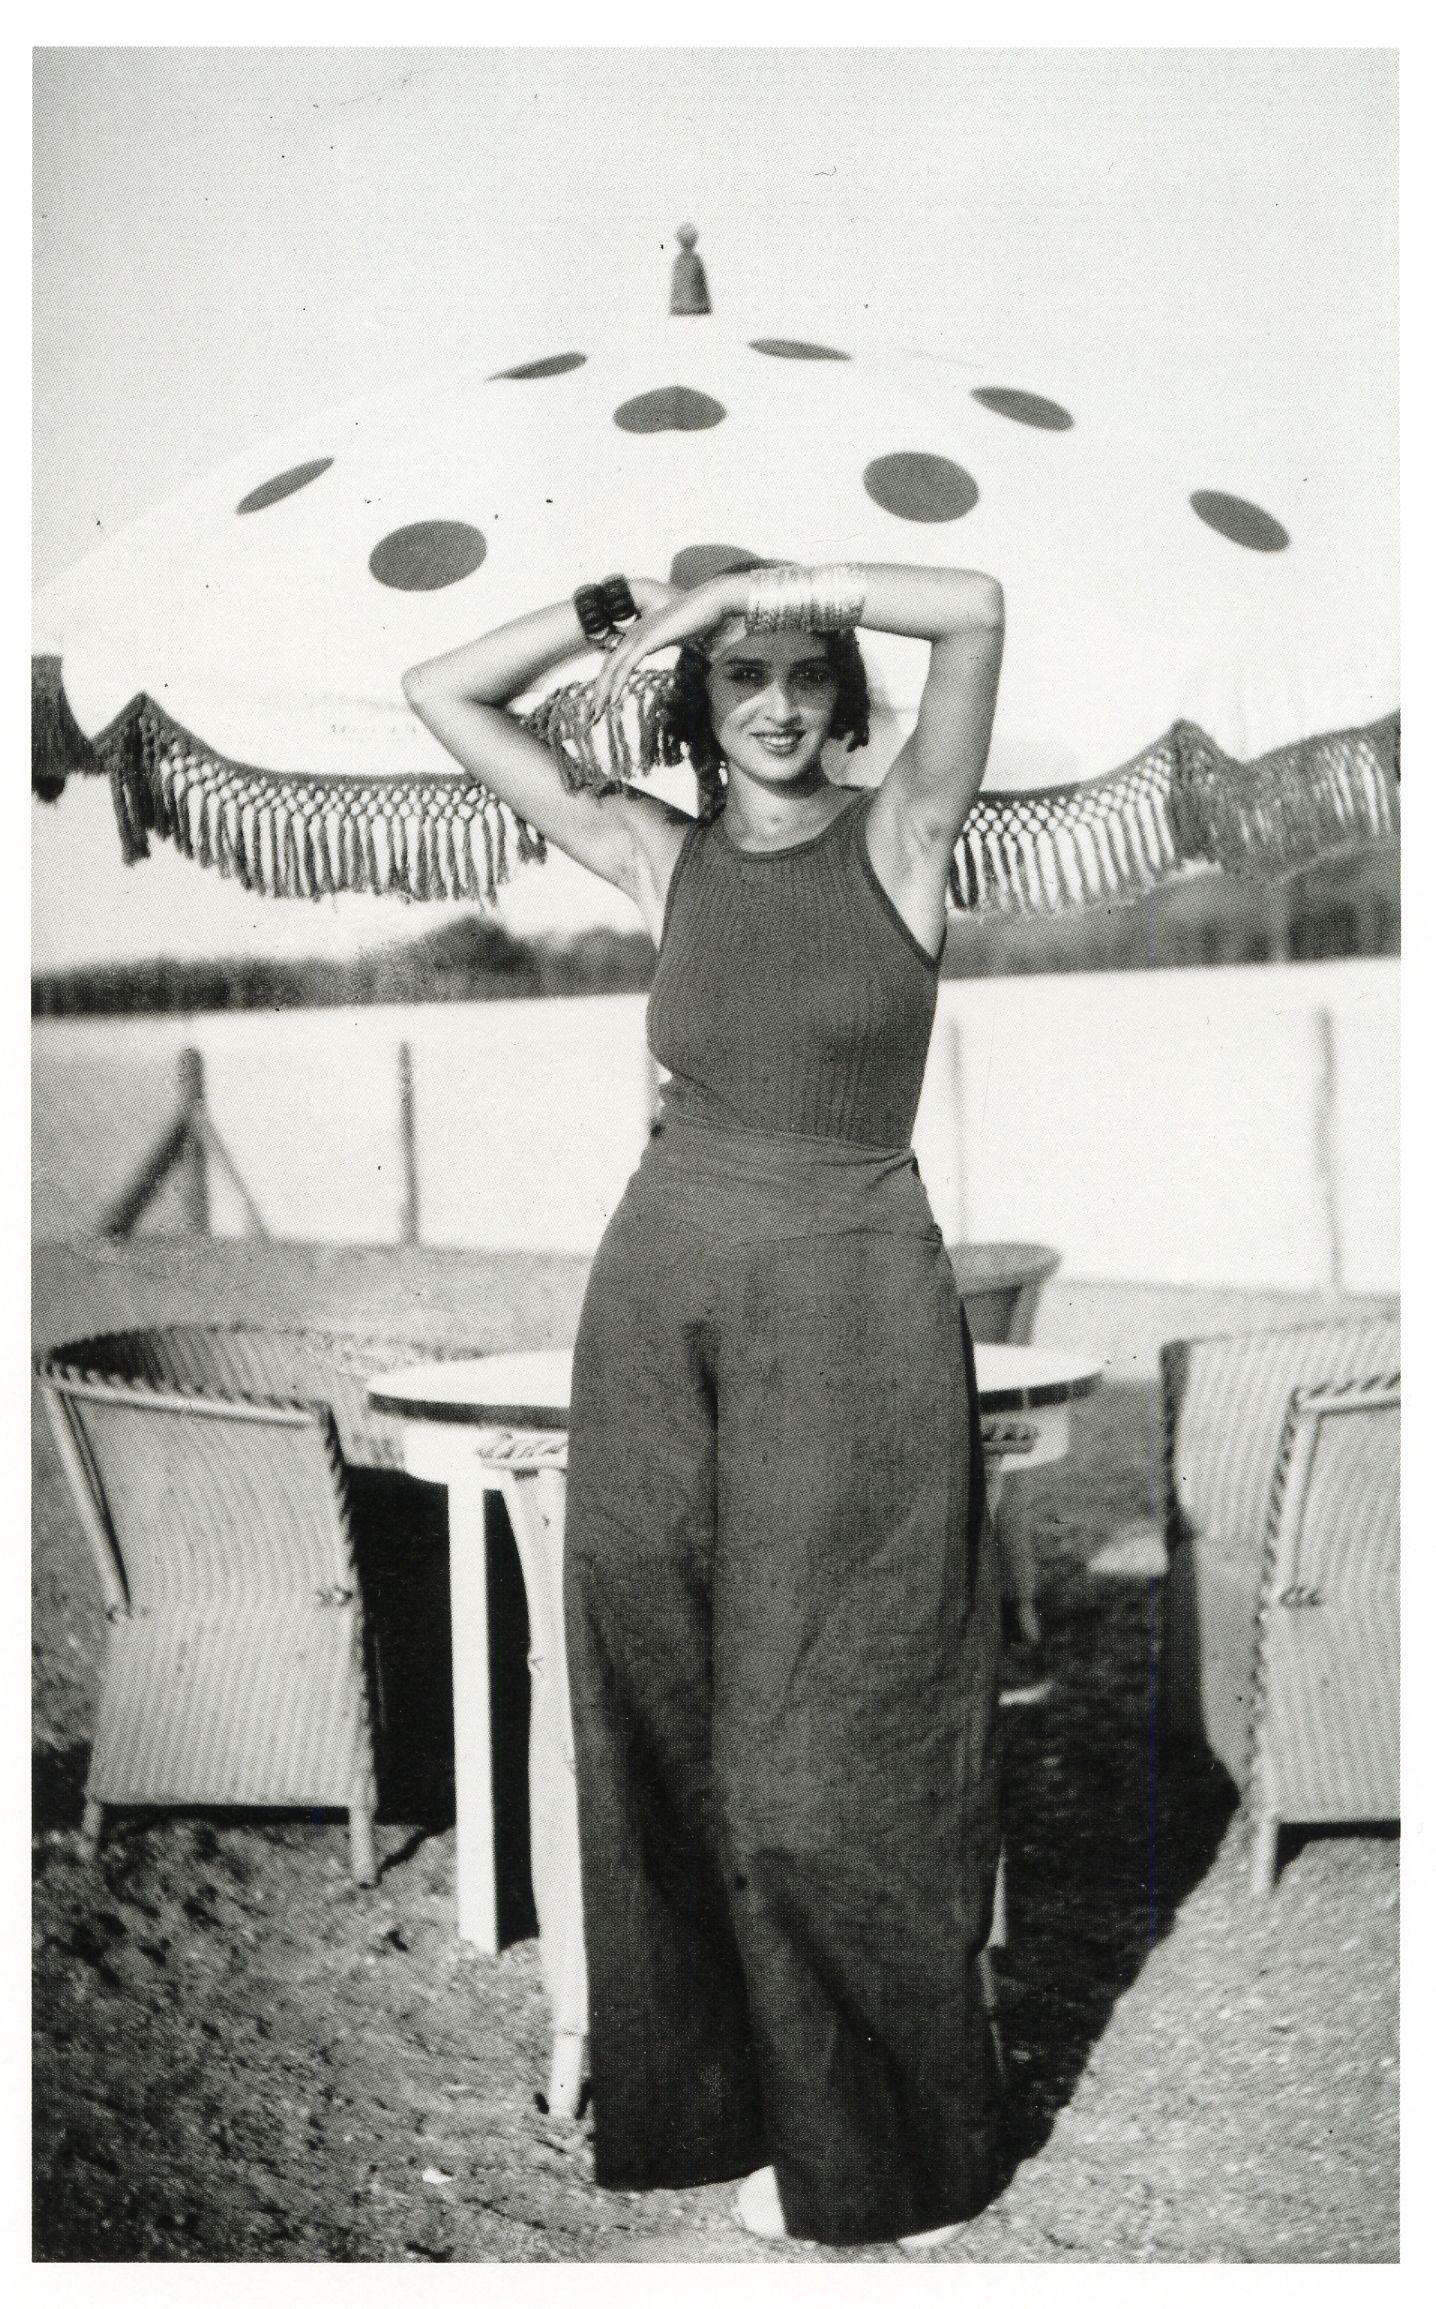 Ren e perle piscine de plage de la chambre d 39 amour anglet by jacques henri lartigue august - Plage de la chambre d amour ...